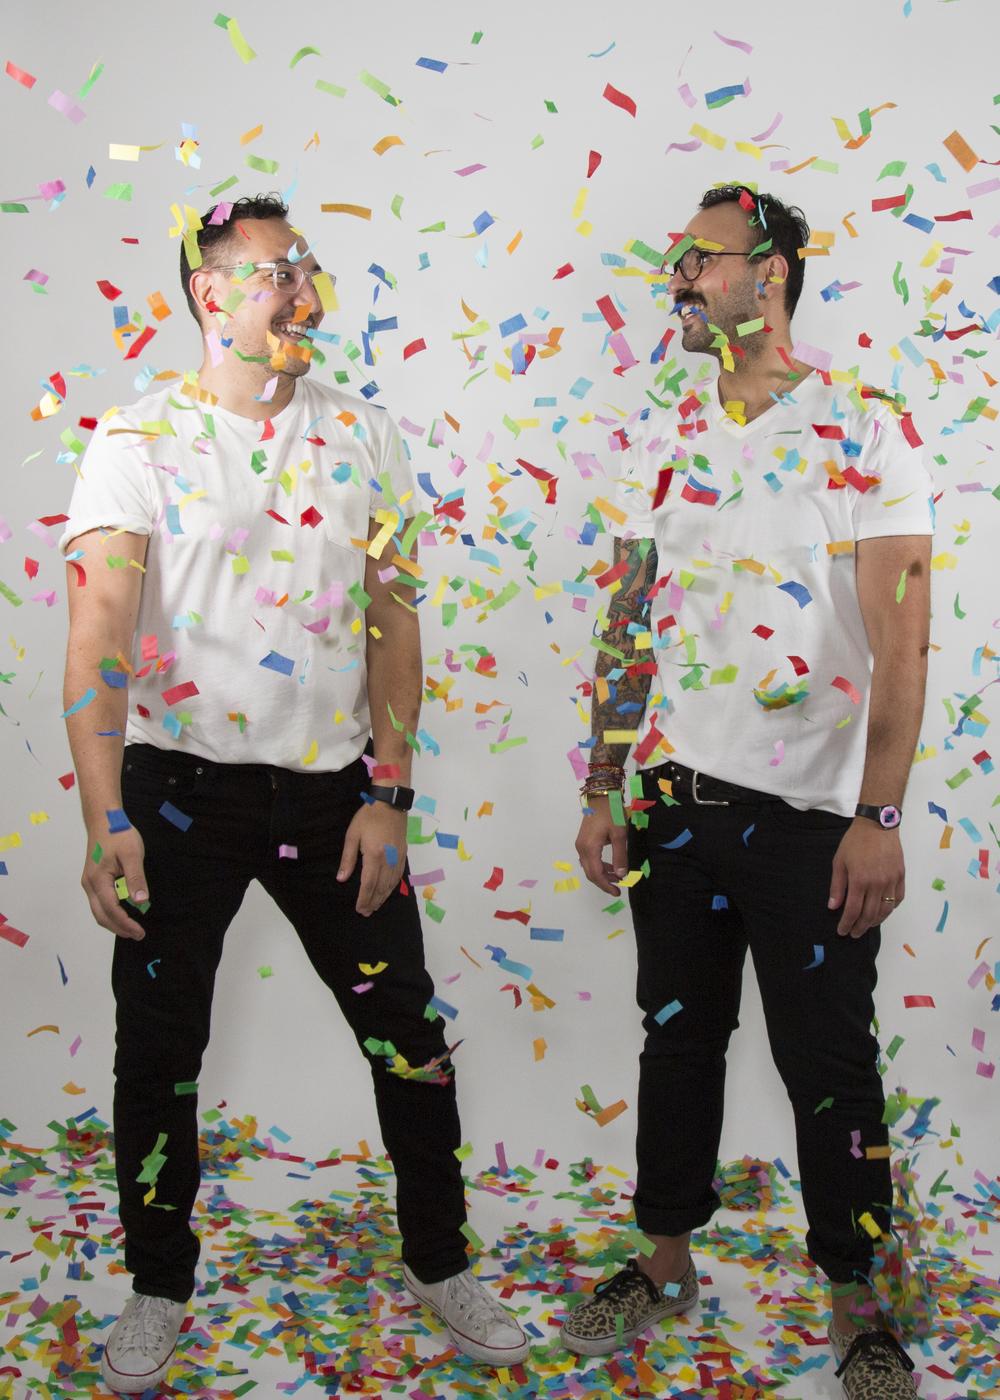 Pride_Confetti_Jason_Alex_2.jpg